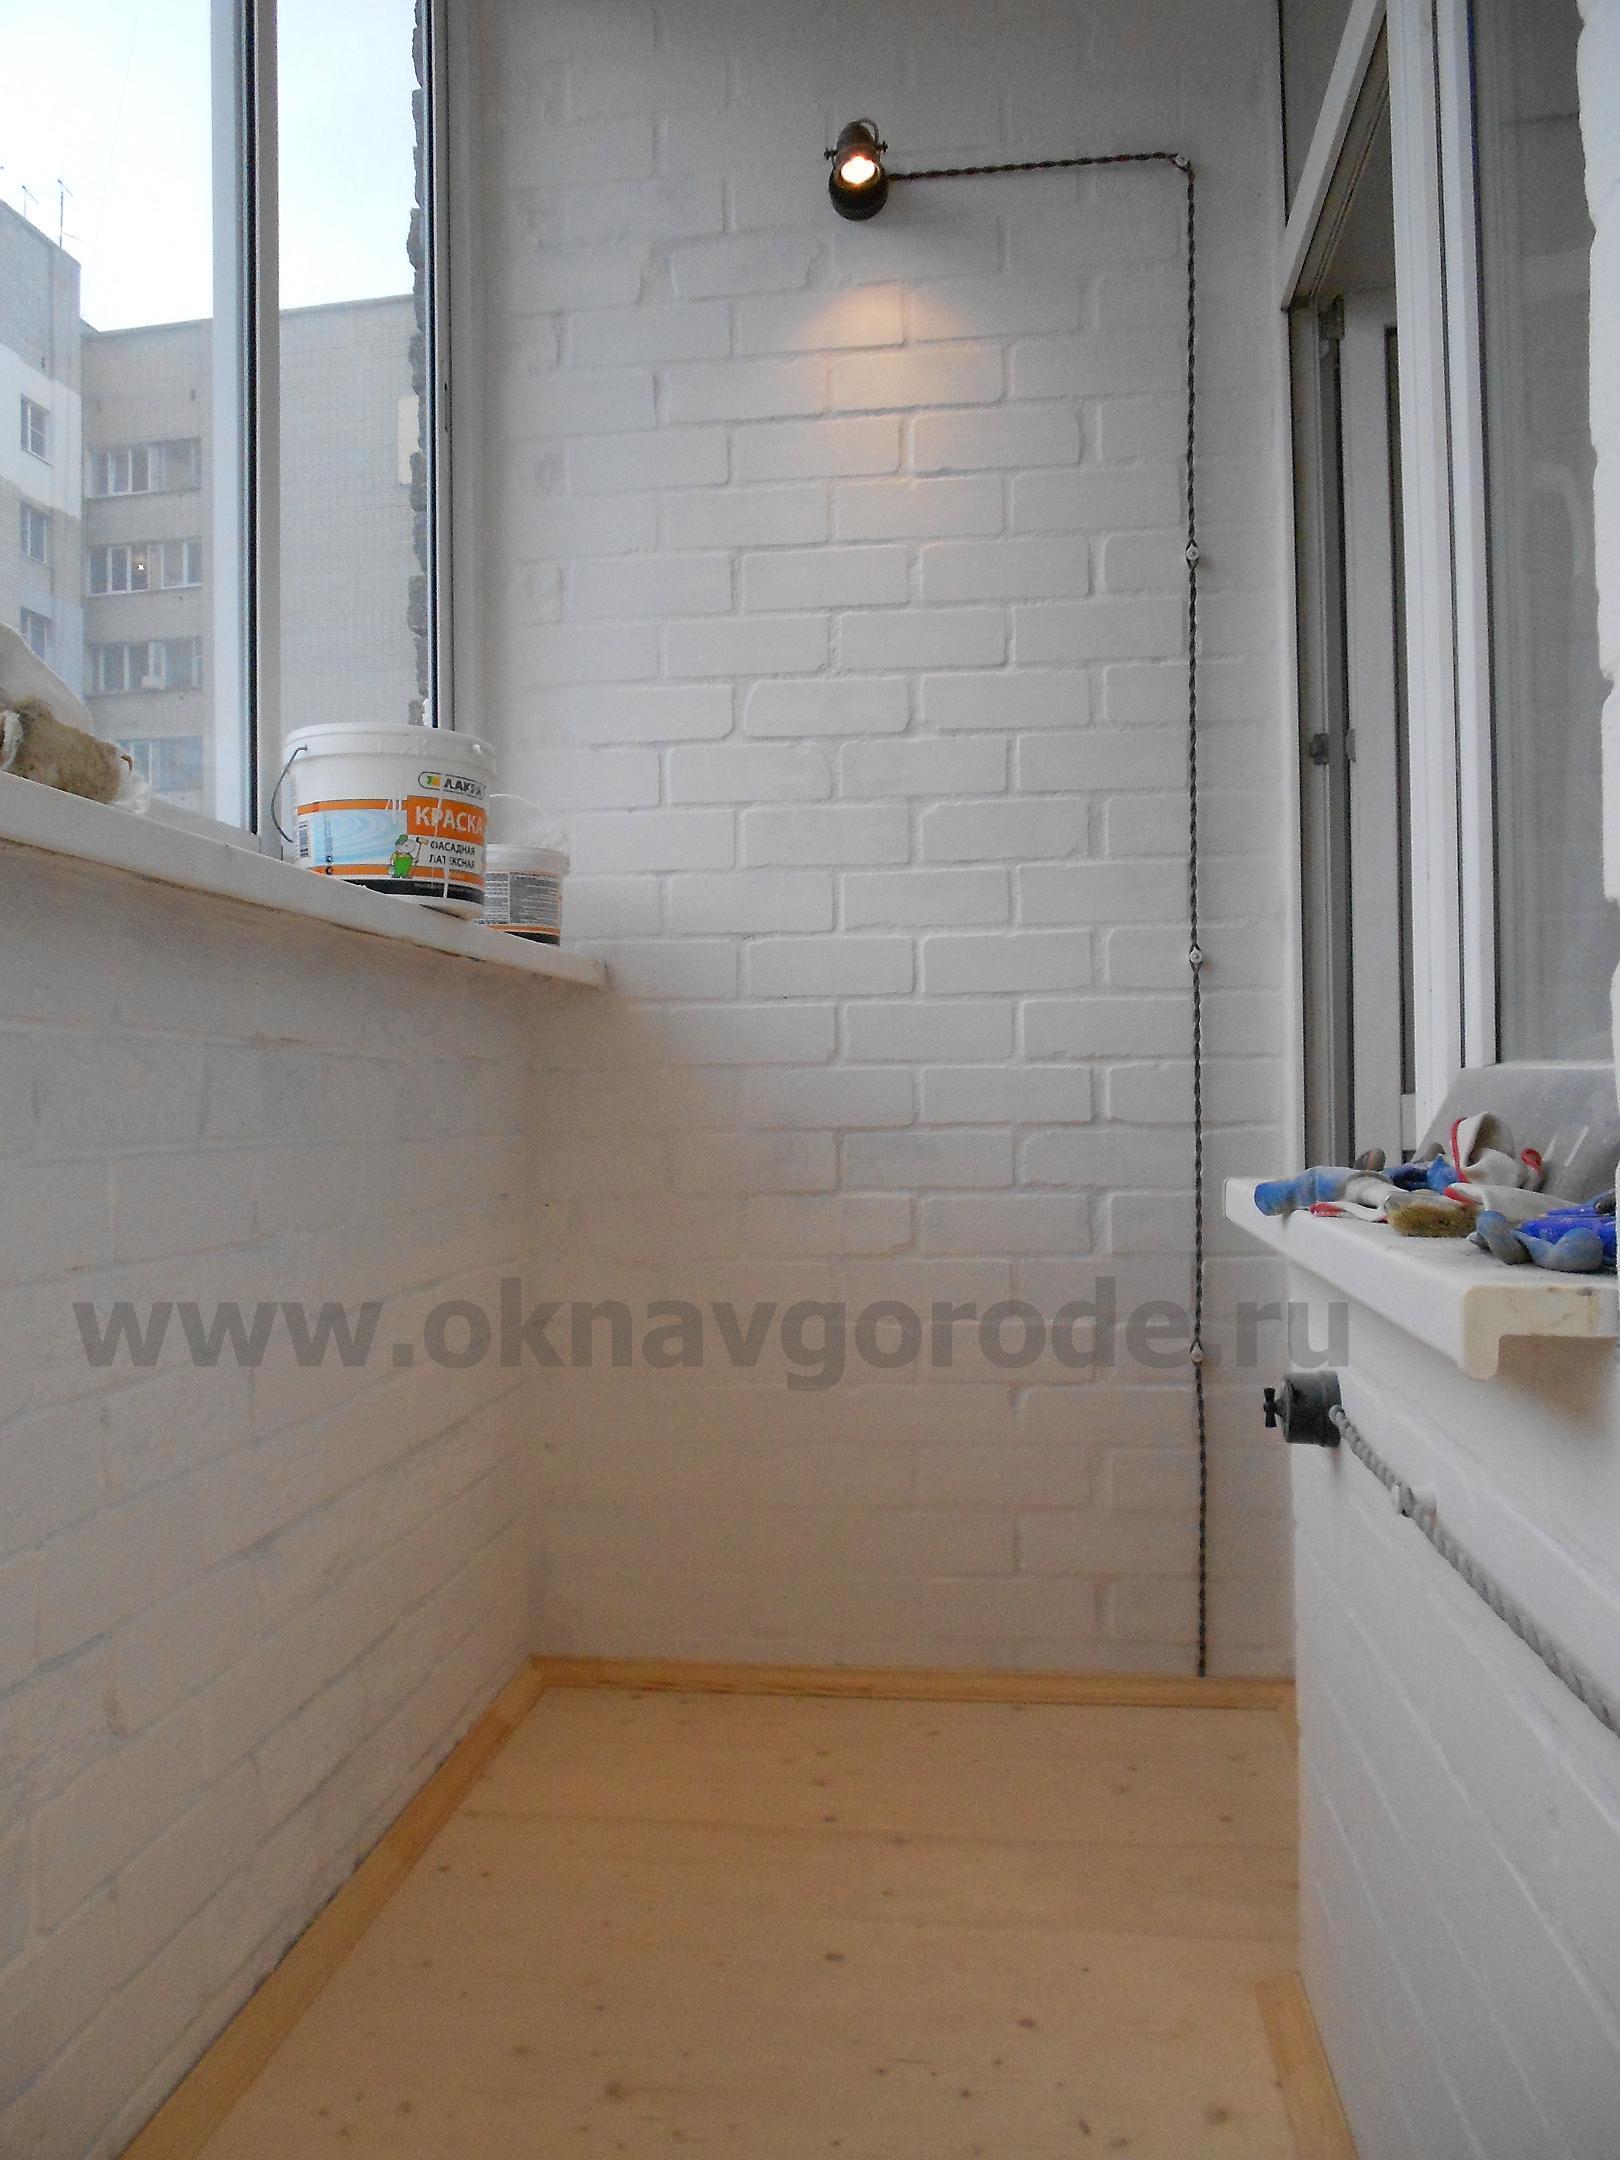 otdelka-balkonov-v-kurske-foto-i-tseny-podrobnosti-na-sajte-www-oknavgorode-ru